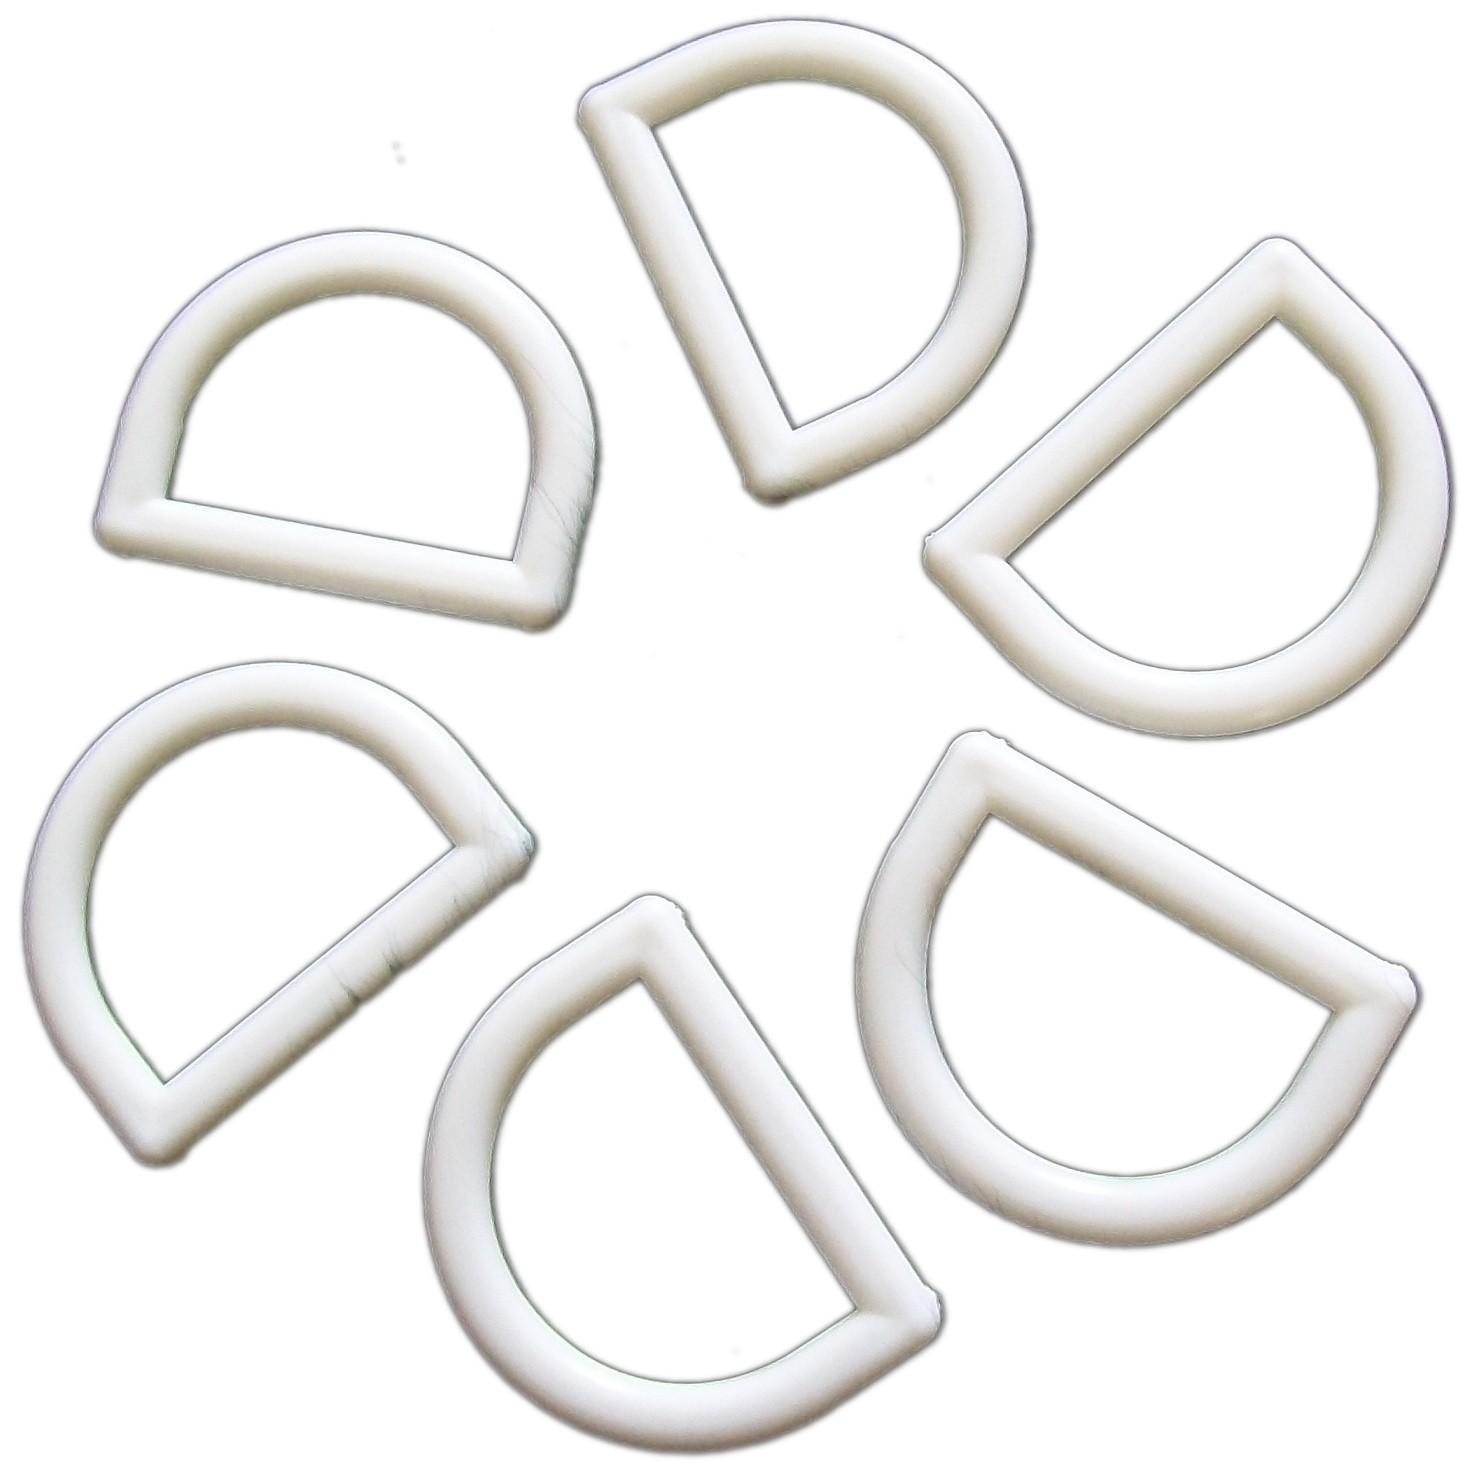 White Plastic D Rings 33mm Pack of 6